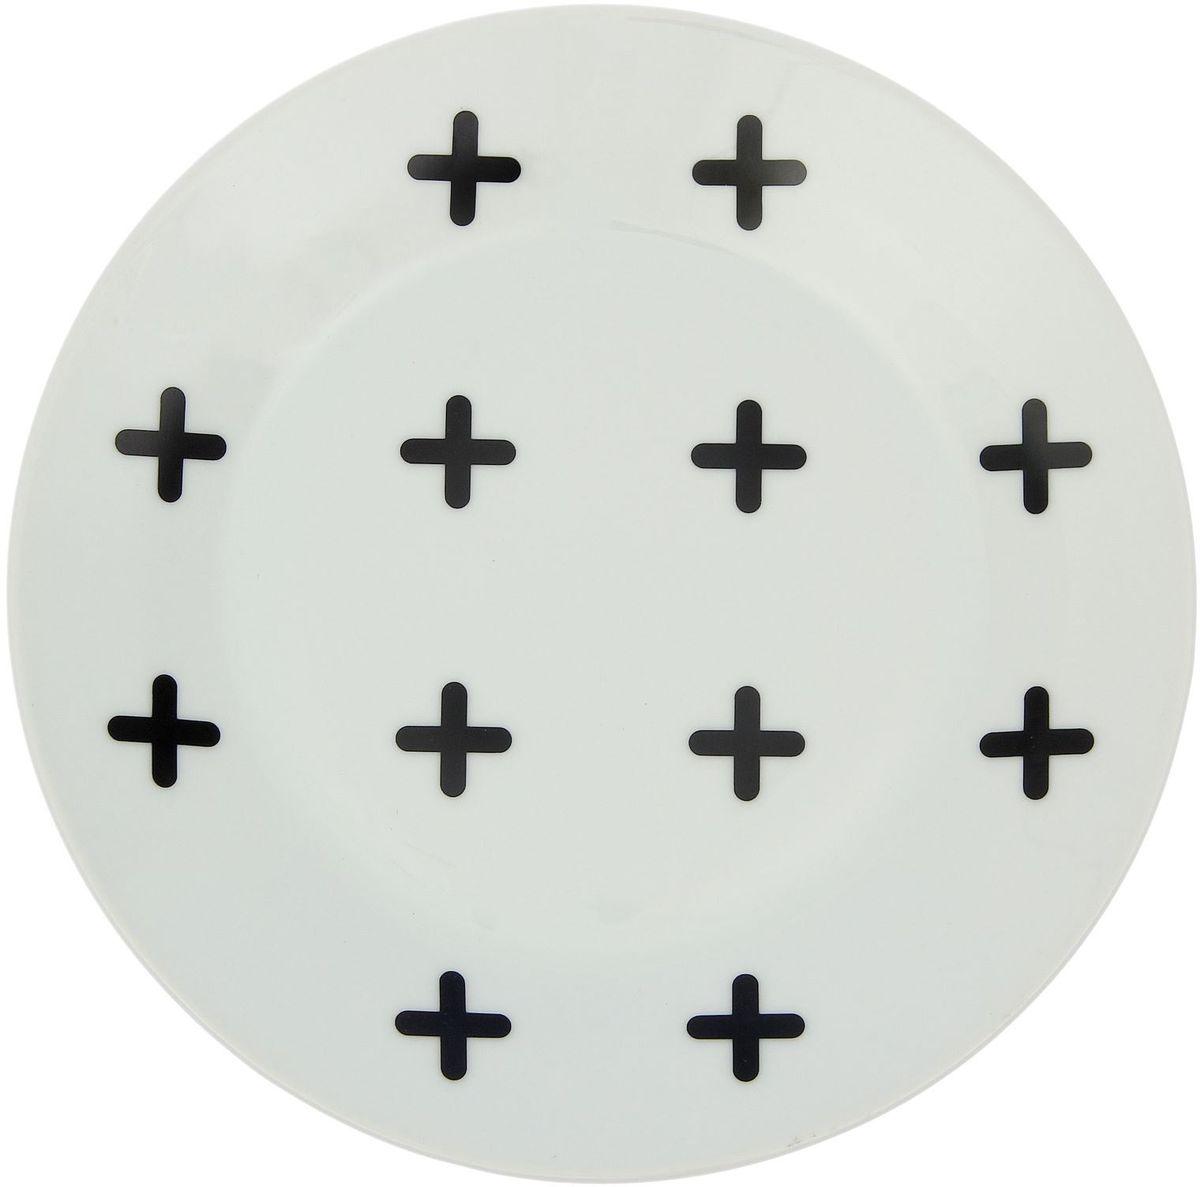 Тарелка мелкая Сотвори чудо My Little Cross, диаметр 20 см1971988Хотите обновить интерьер кухни или гостиной? Устраиваете необычную фотосессию или тематический праздник? А может, просто ищете подарок для близкого человека? Посуда « Сотвори Чудо» — правильный выбор в любой ситуации. Её достоинства: изящный фаянс нежного сливочного цвета; стойкость краски; пригодность для посудомоечных машин.